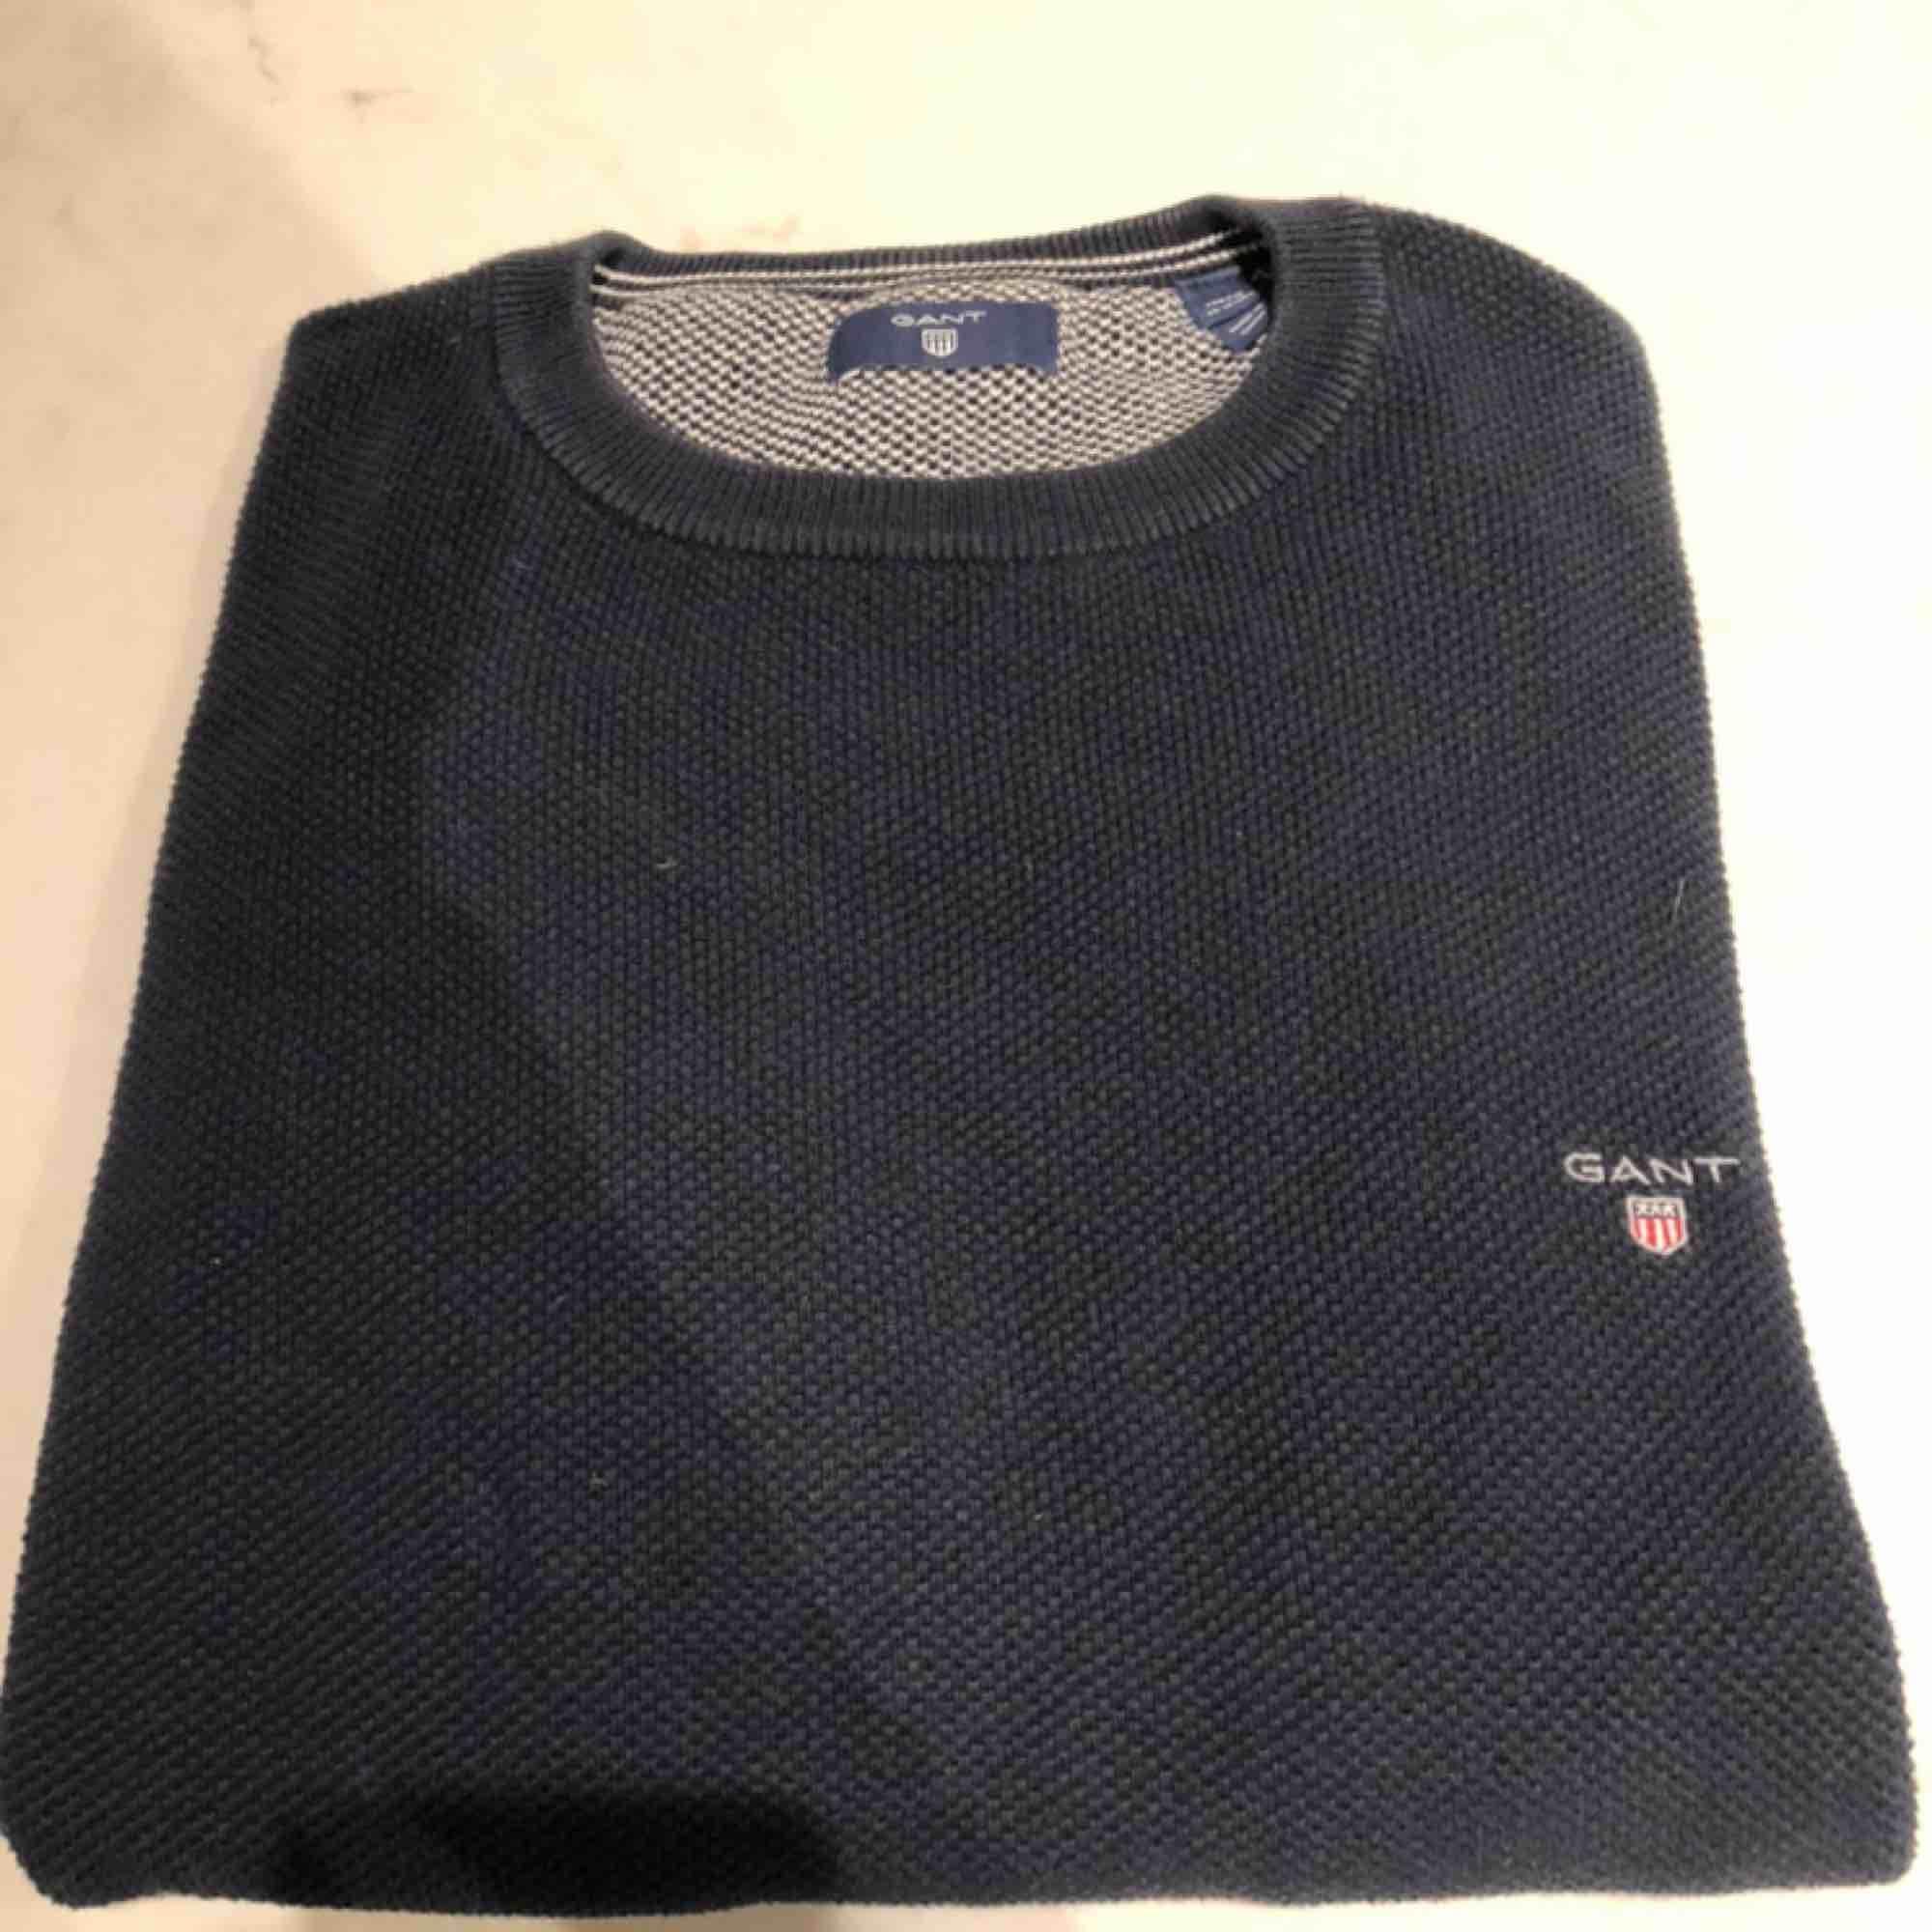 En härligt Gant tröja i mörkblå. Ganska använd men är ändå fräsch. Storleken är L i kids så skulle säga s - m för äldre. Litet hål vid armvecket men inget man riktigt tänker på. Kunden står för frakten :). Tröjor & Koftor.